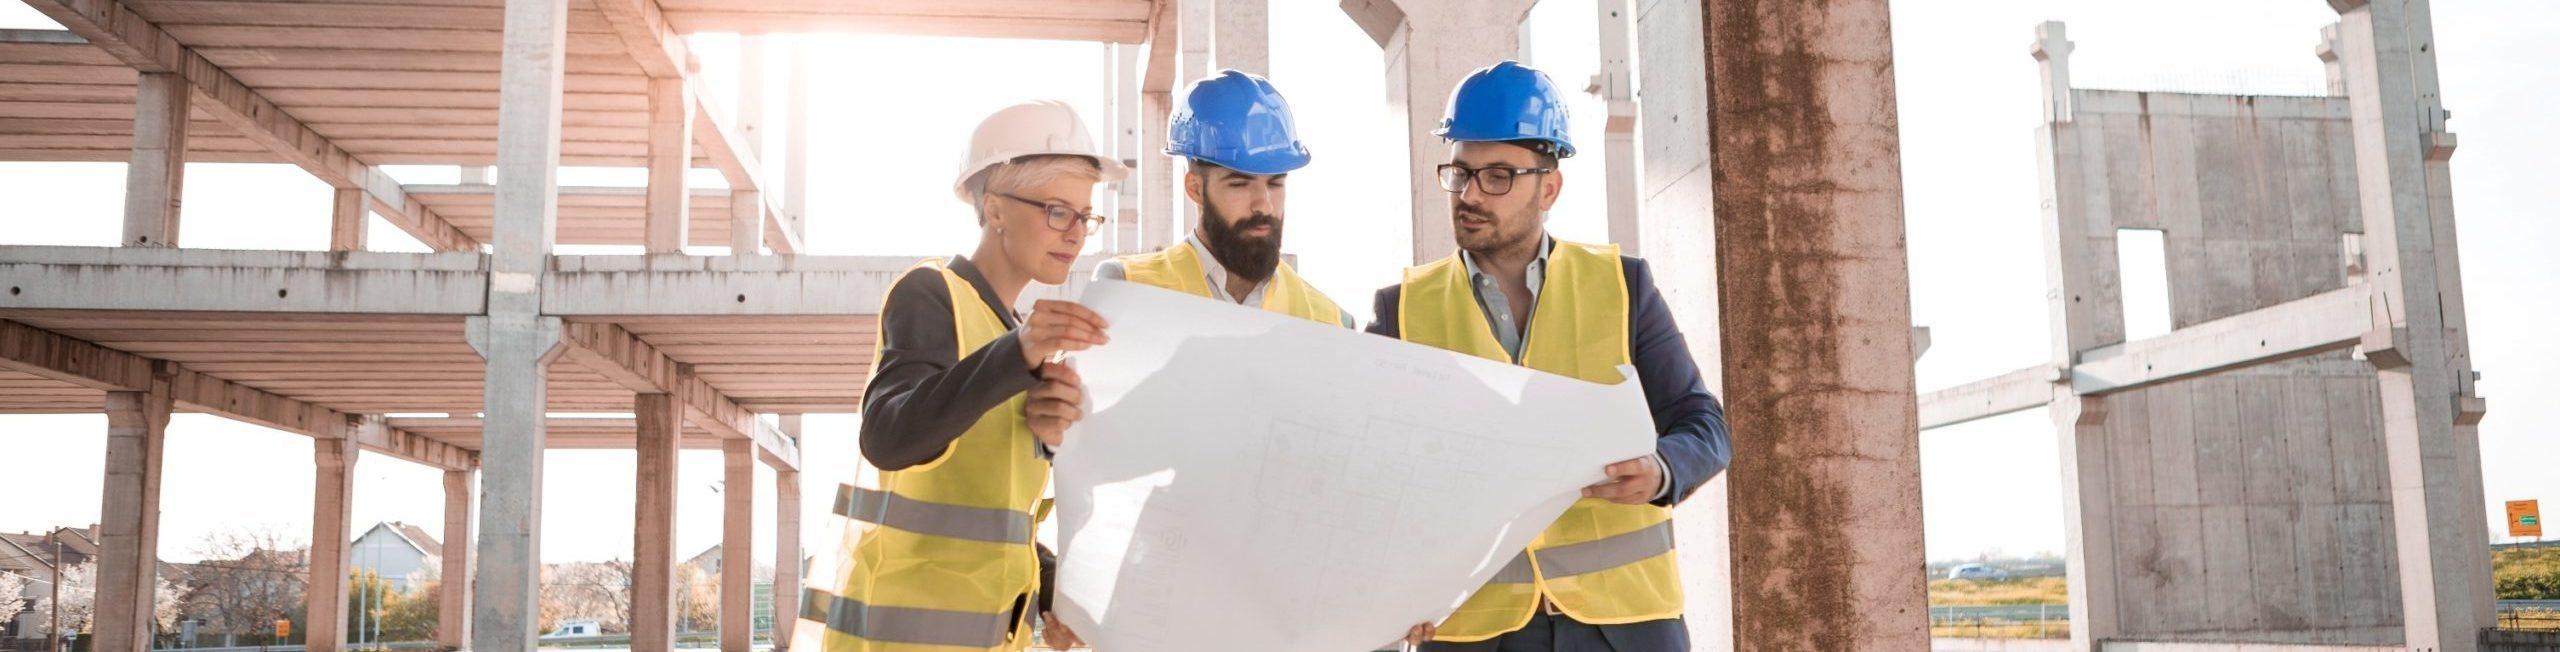 MMT Bouw | Nieuwbouw | Verbouw | Afbouw